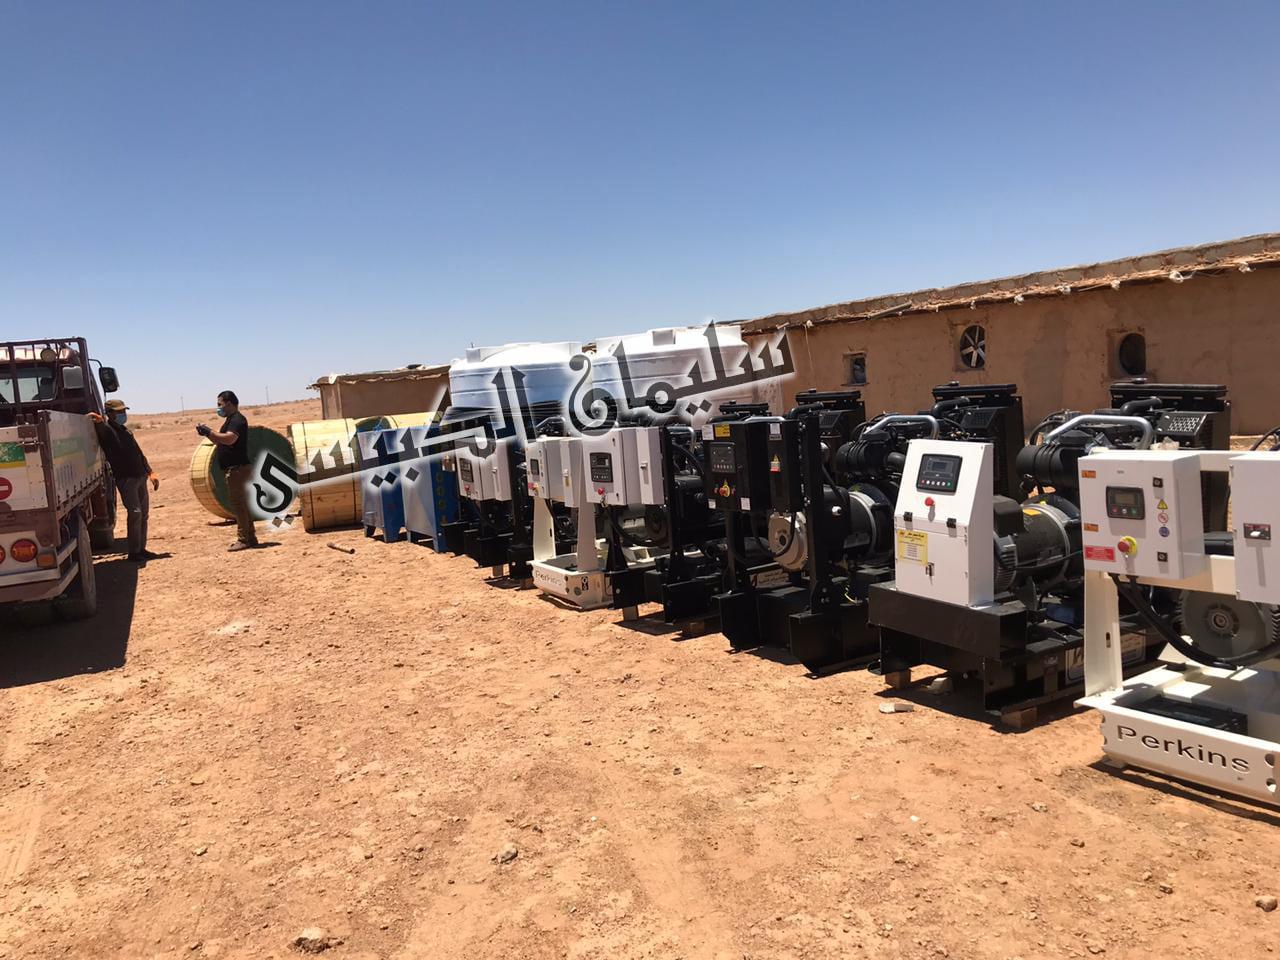 بجهود محافظ الأنبار… وصول مولدات كهربائية وخزانات وطواقم ابار لتأهيل المزارع الاهلية بالرطبة